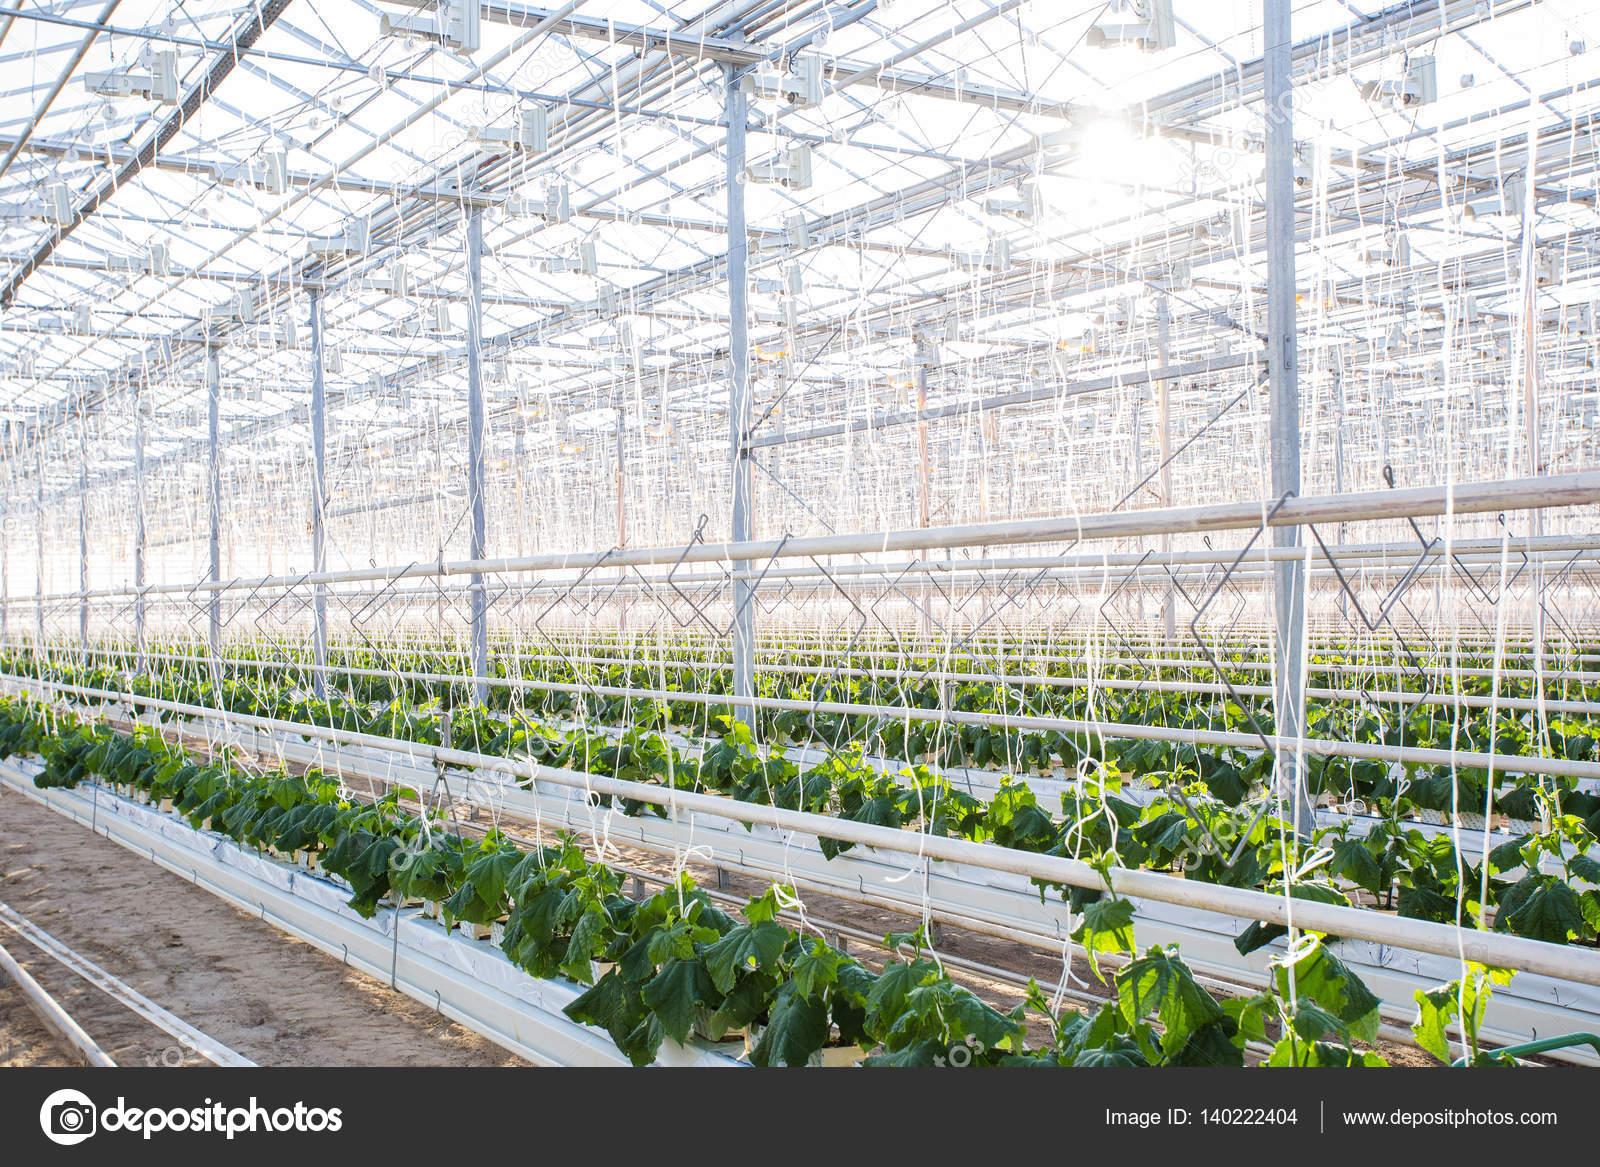 Pflanzen im Gewächshaus. Gurkenpflanzen wachsen — Stockfoto ...